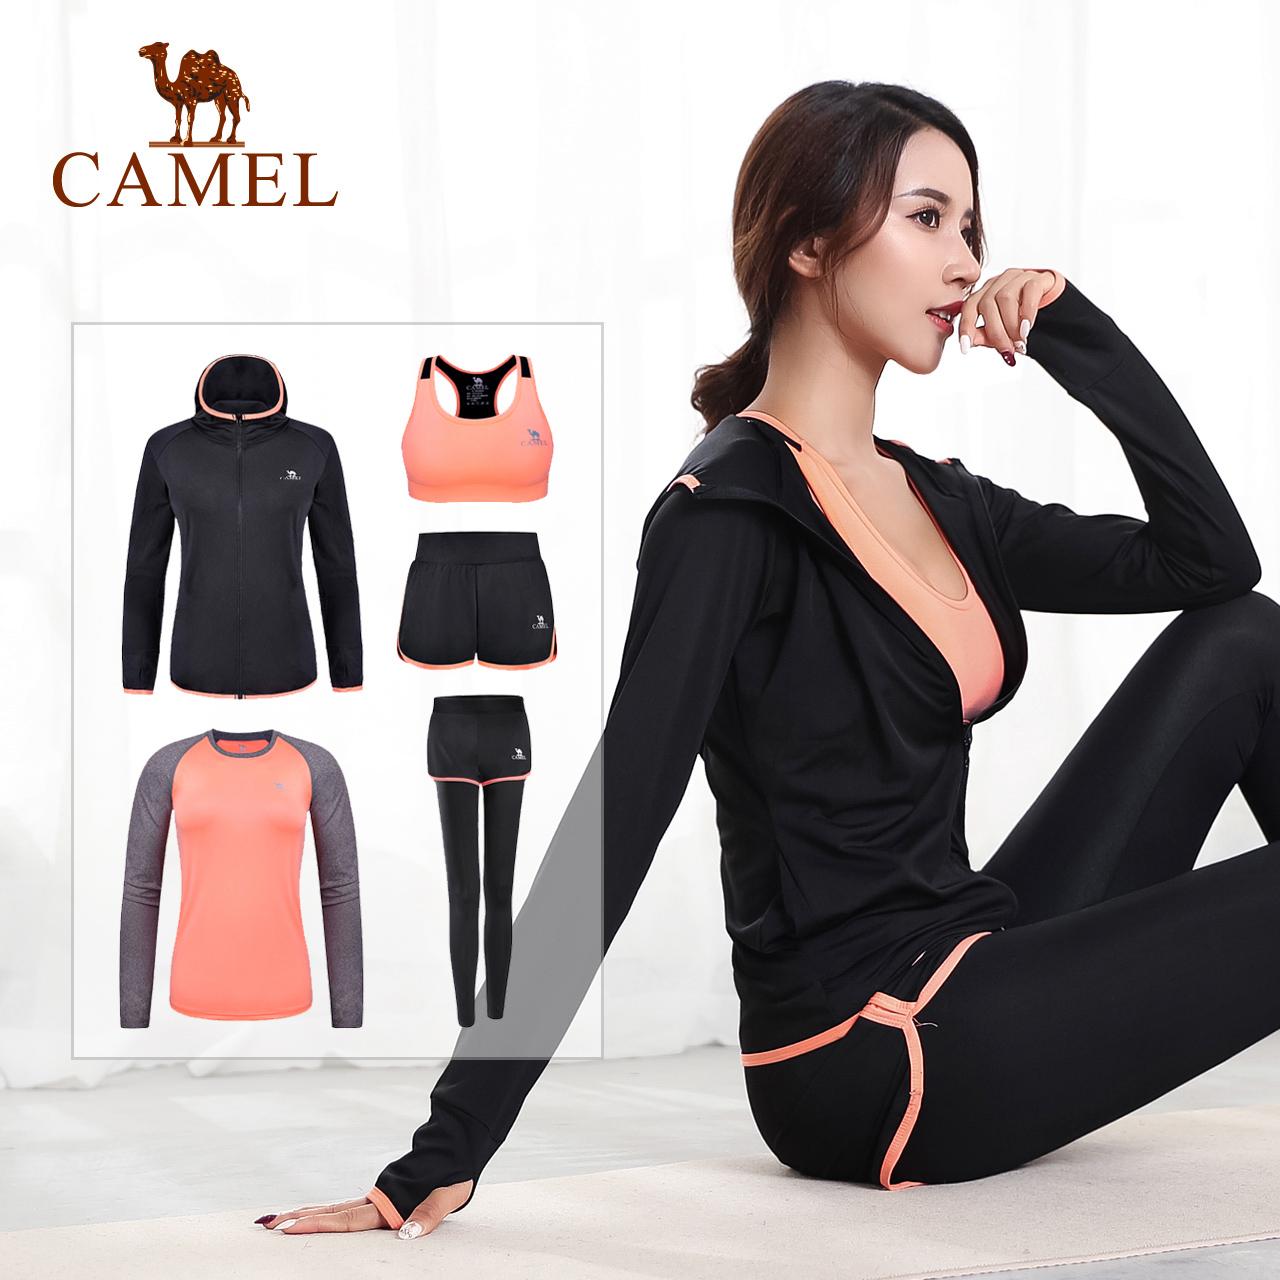 骆驼瑜伽服套装女时尚透气吸汗健身服五件套健身房跑步运动套装女